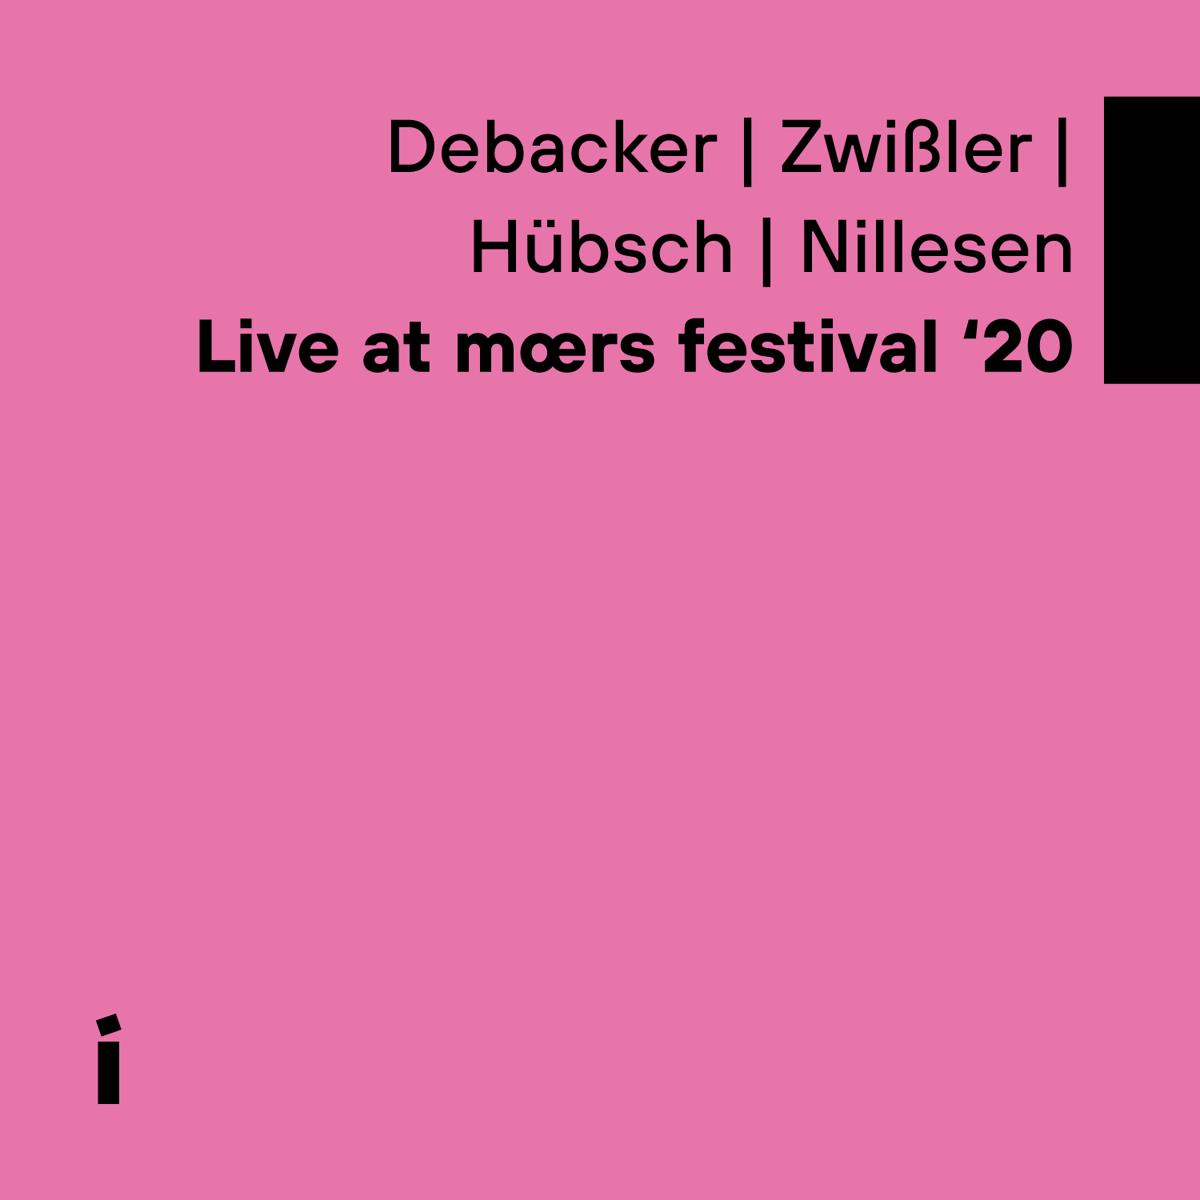 Debacker | Zwissler | Hübsch | Nillesen: Live at moers festival '20